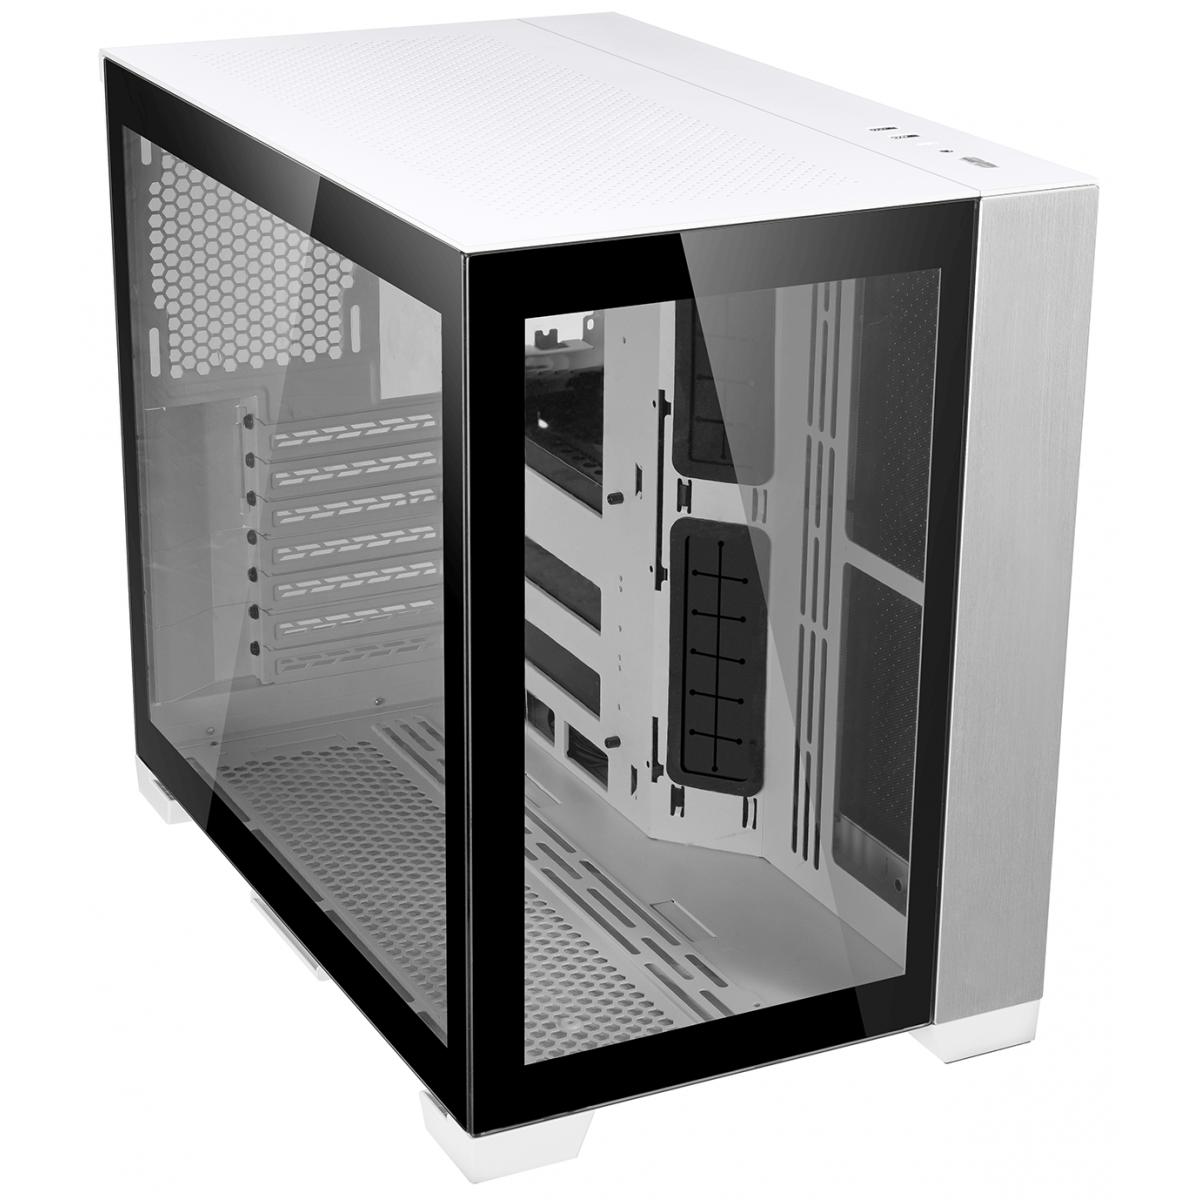 Gabinete Lian Li Dynamic Mini, Mini Tower, Vidro Temperado, White, ATX, Sem Fonte, Sem Fans, O11D MINI-W